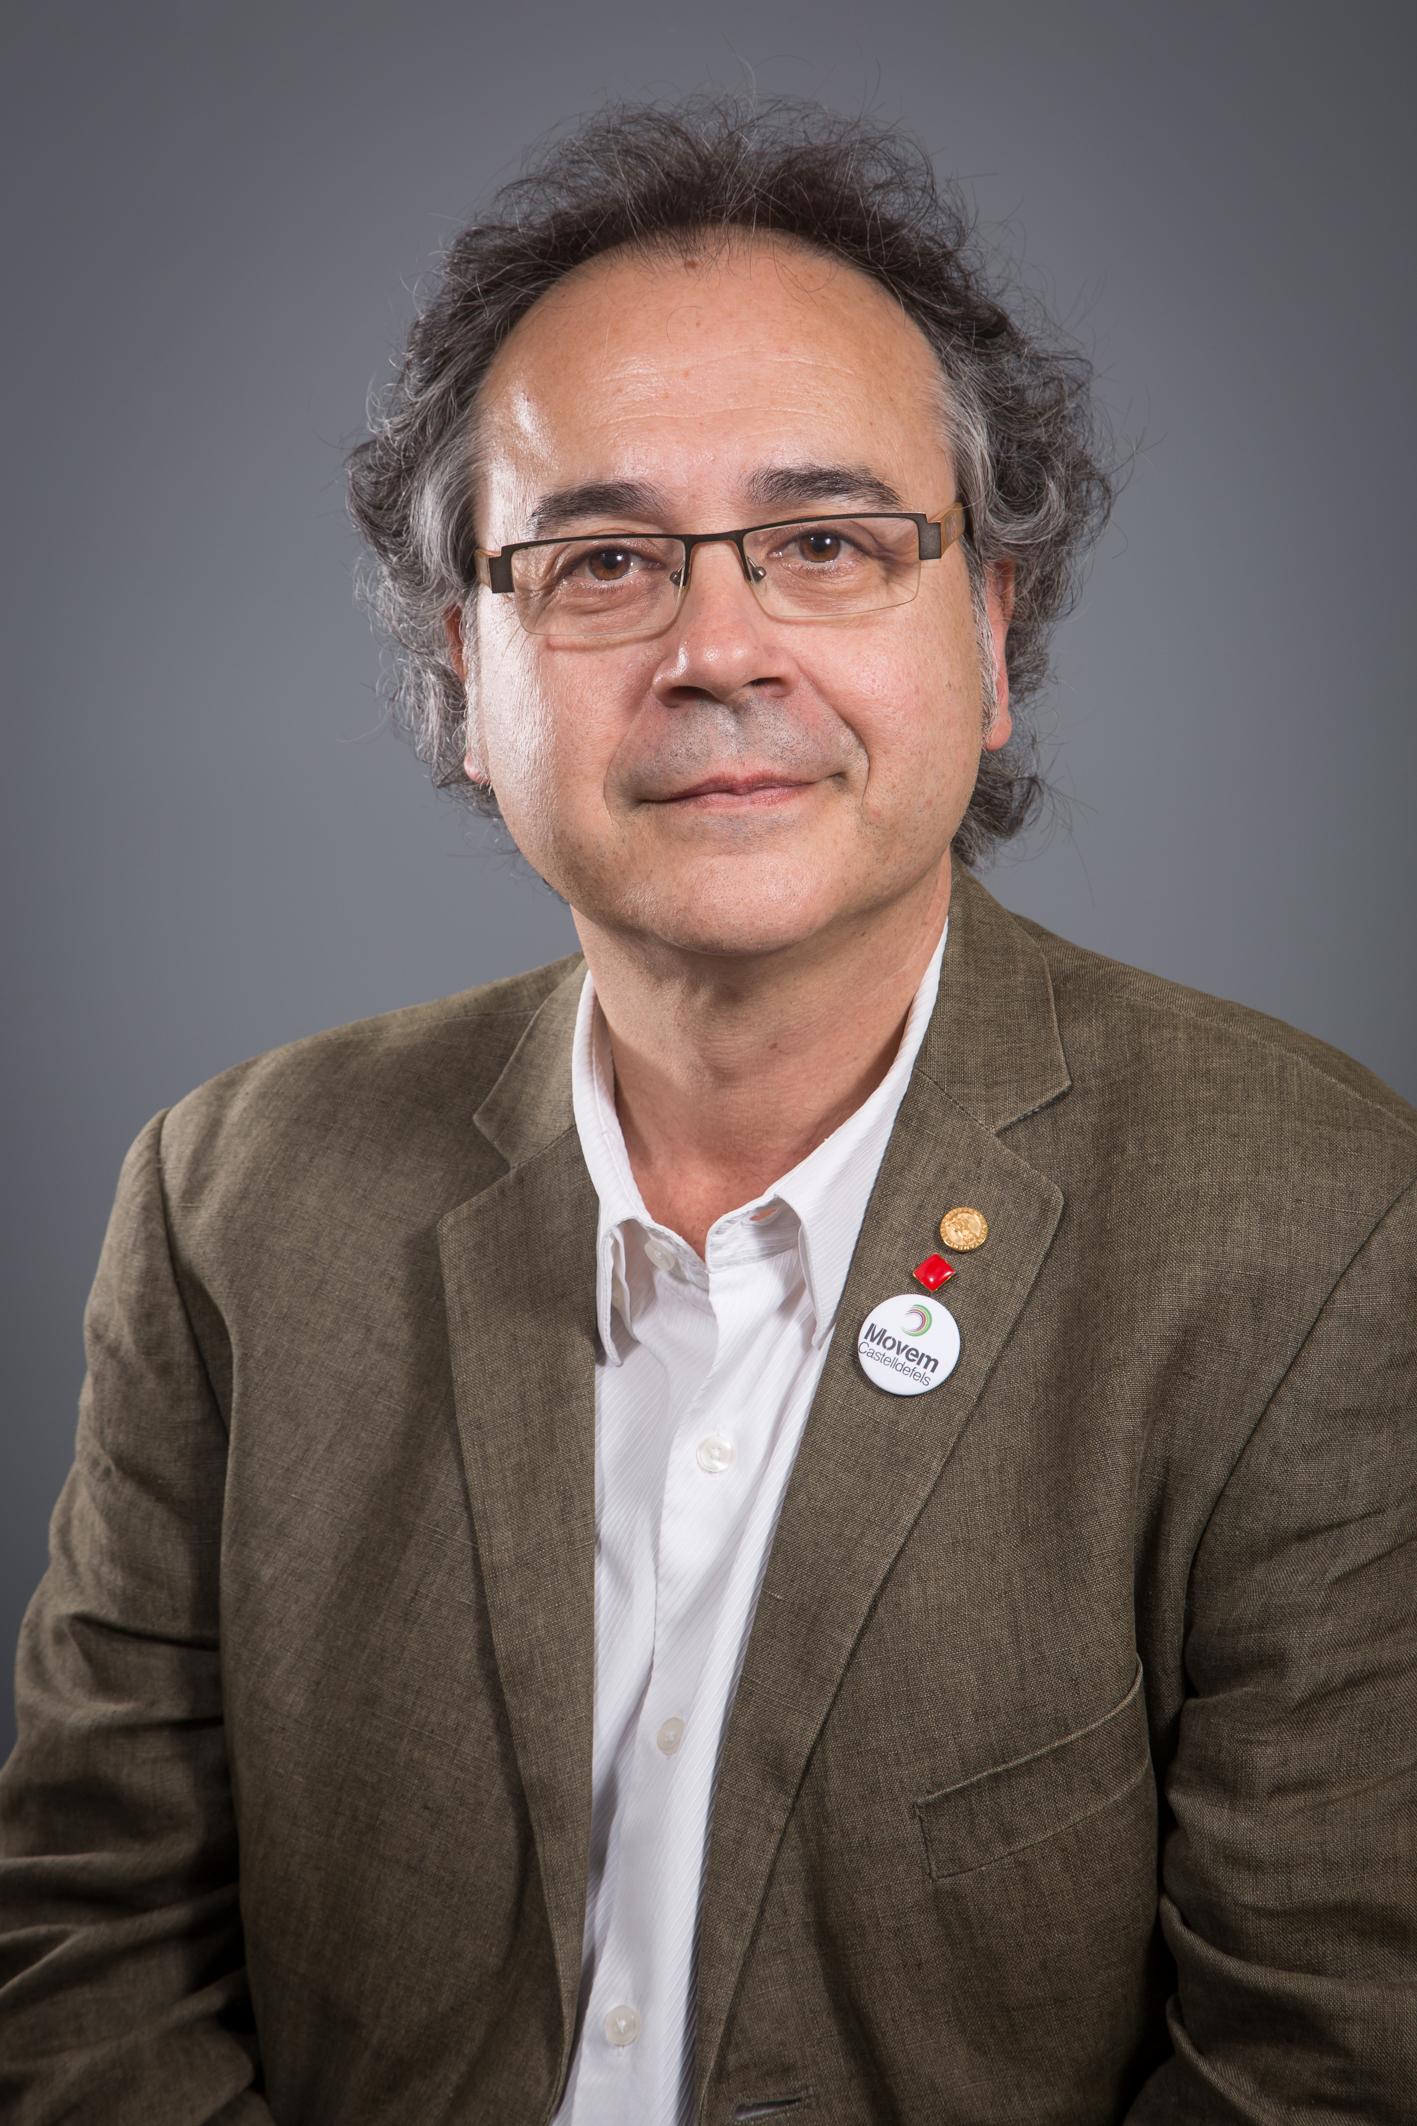 Jordi Miralles i Conte. Font: Ajuntament de Castelldefels